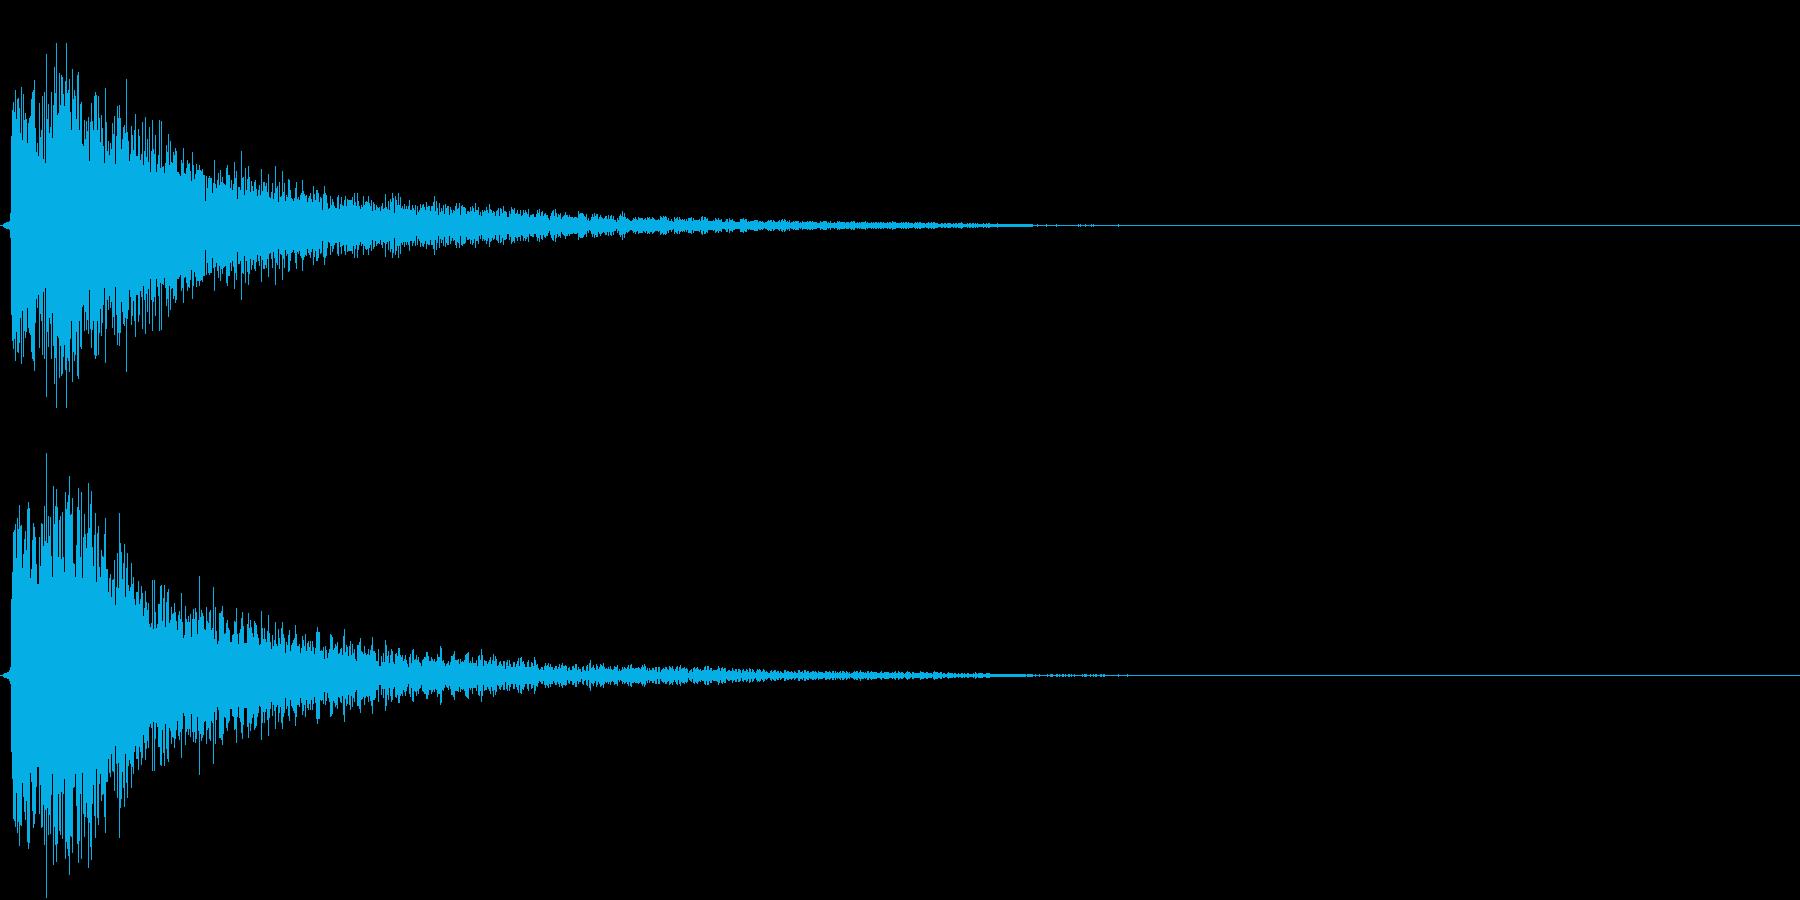 インパクト、衝撃、ヒット音です。『ダダ…の再生済みの波形